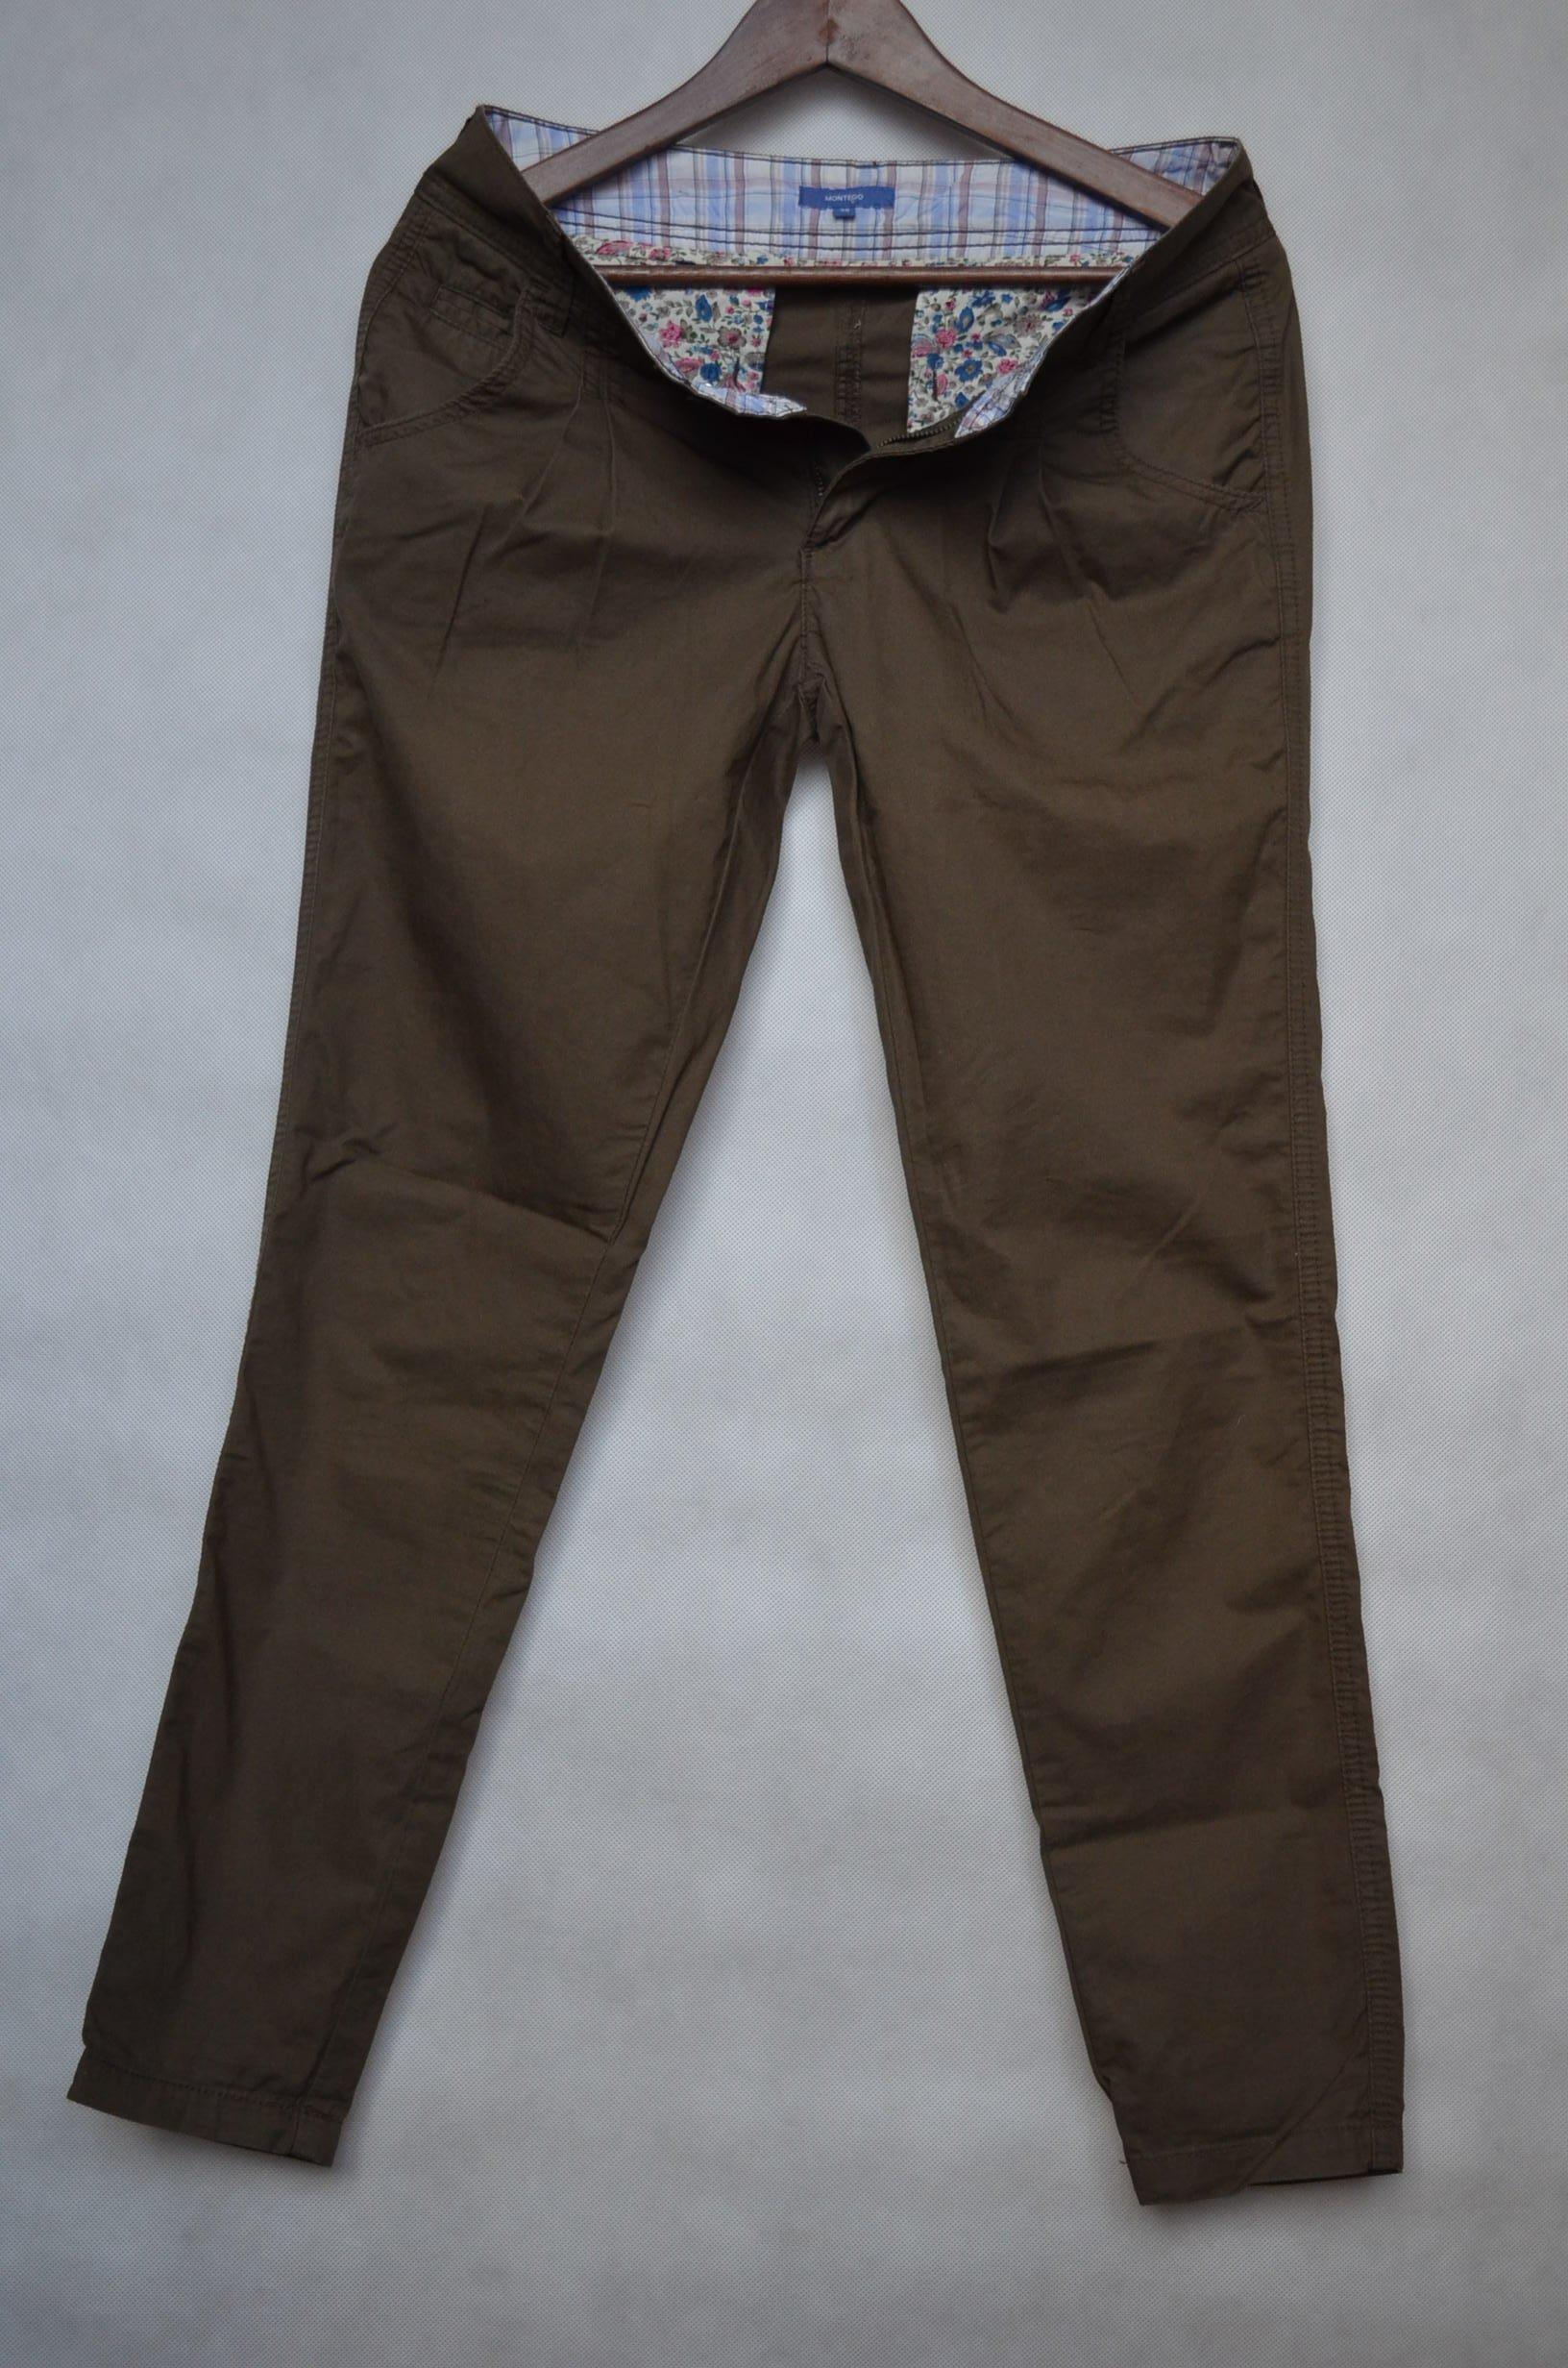 5d49204476d19 spodnie rurki khaki Montego 36S - 7215572071 - oficjalne archiwum allegro